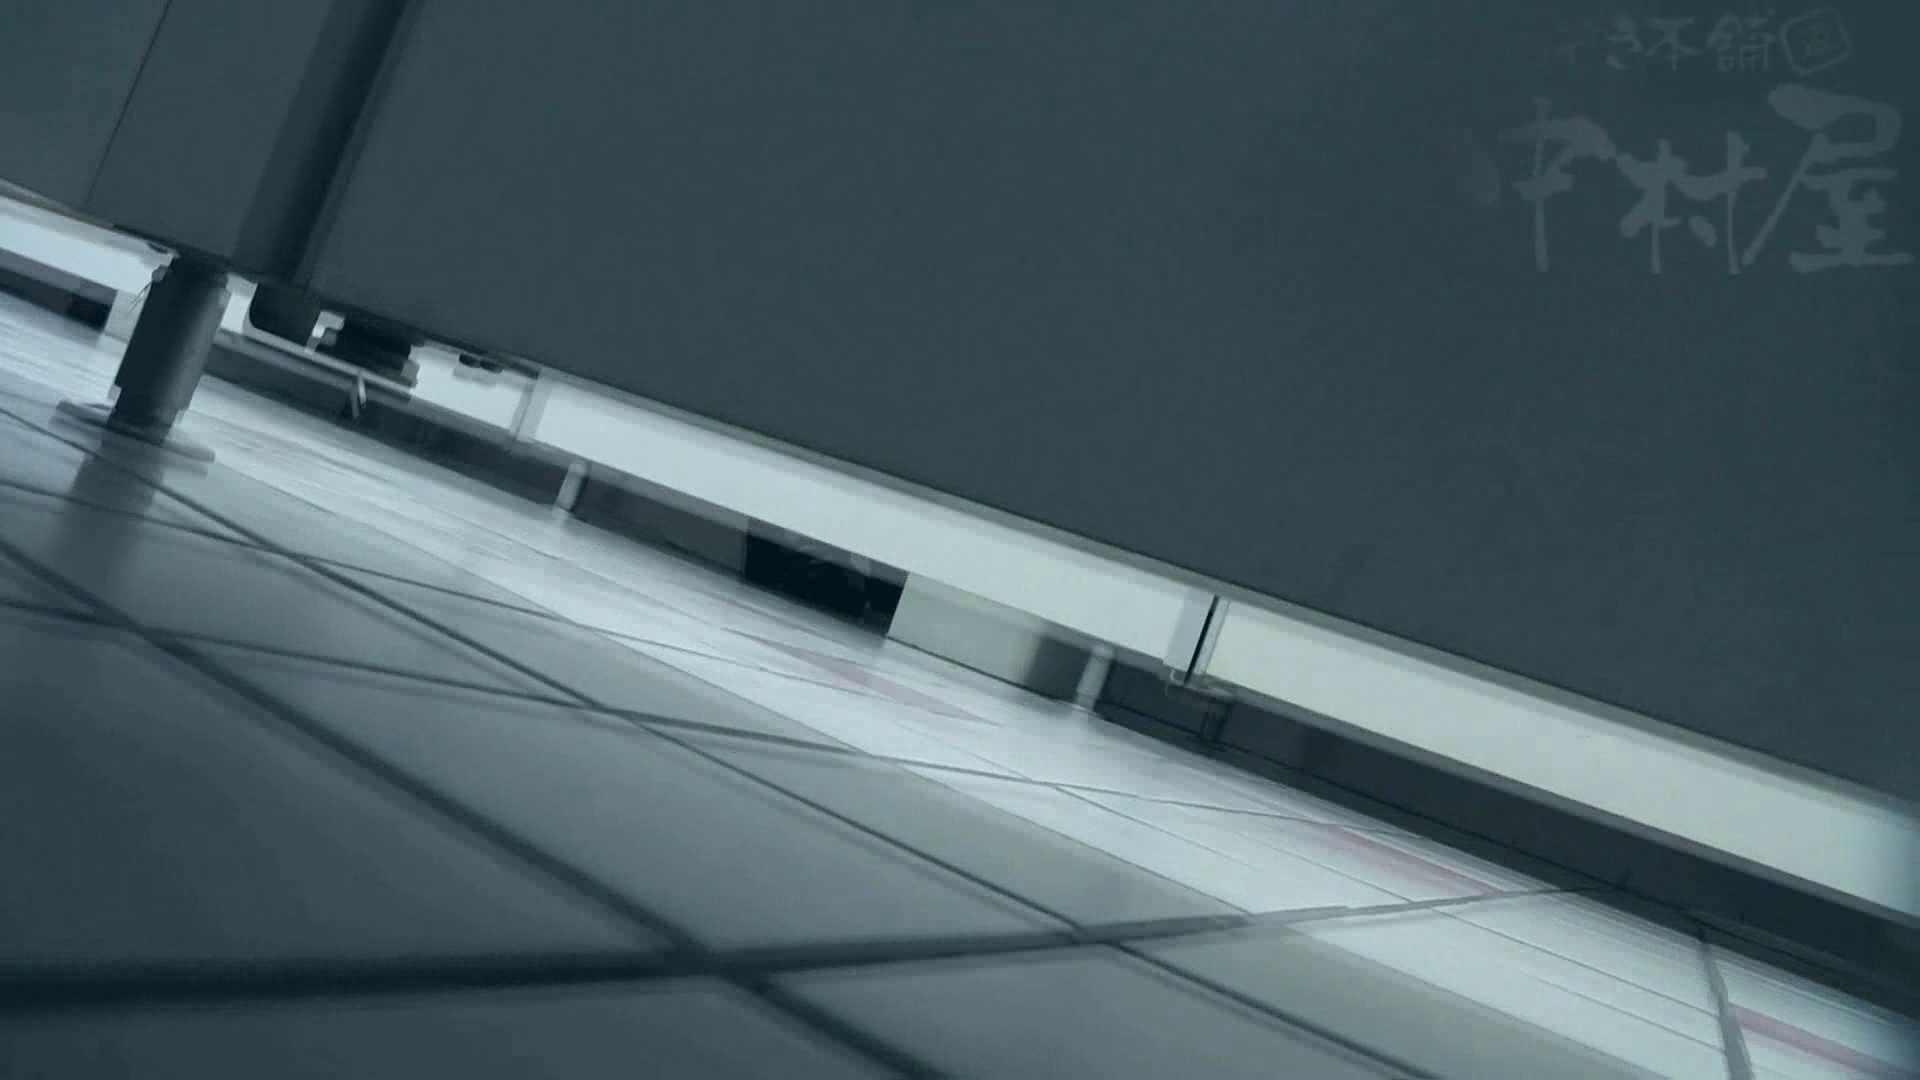 無修正エロ動画:美しい日本の未来 No.09 オールフロント!/粘り続けてたら奇跡のまた開きだって目の前で起きる!!:のぞき本舗 中村屋